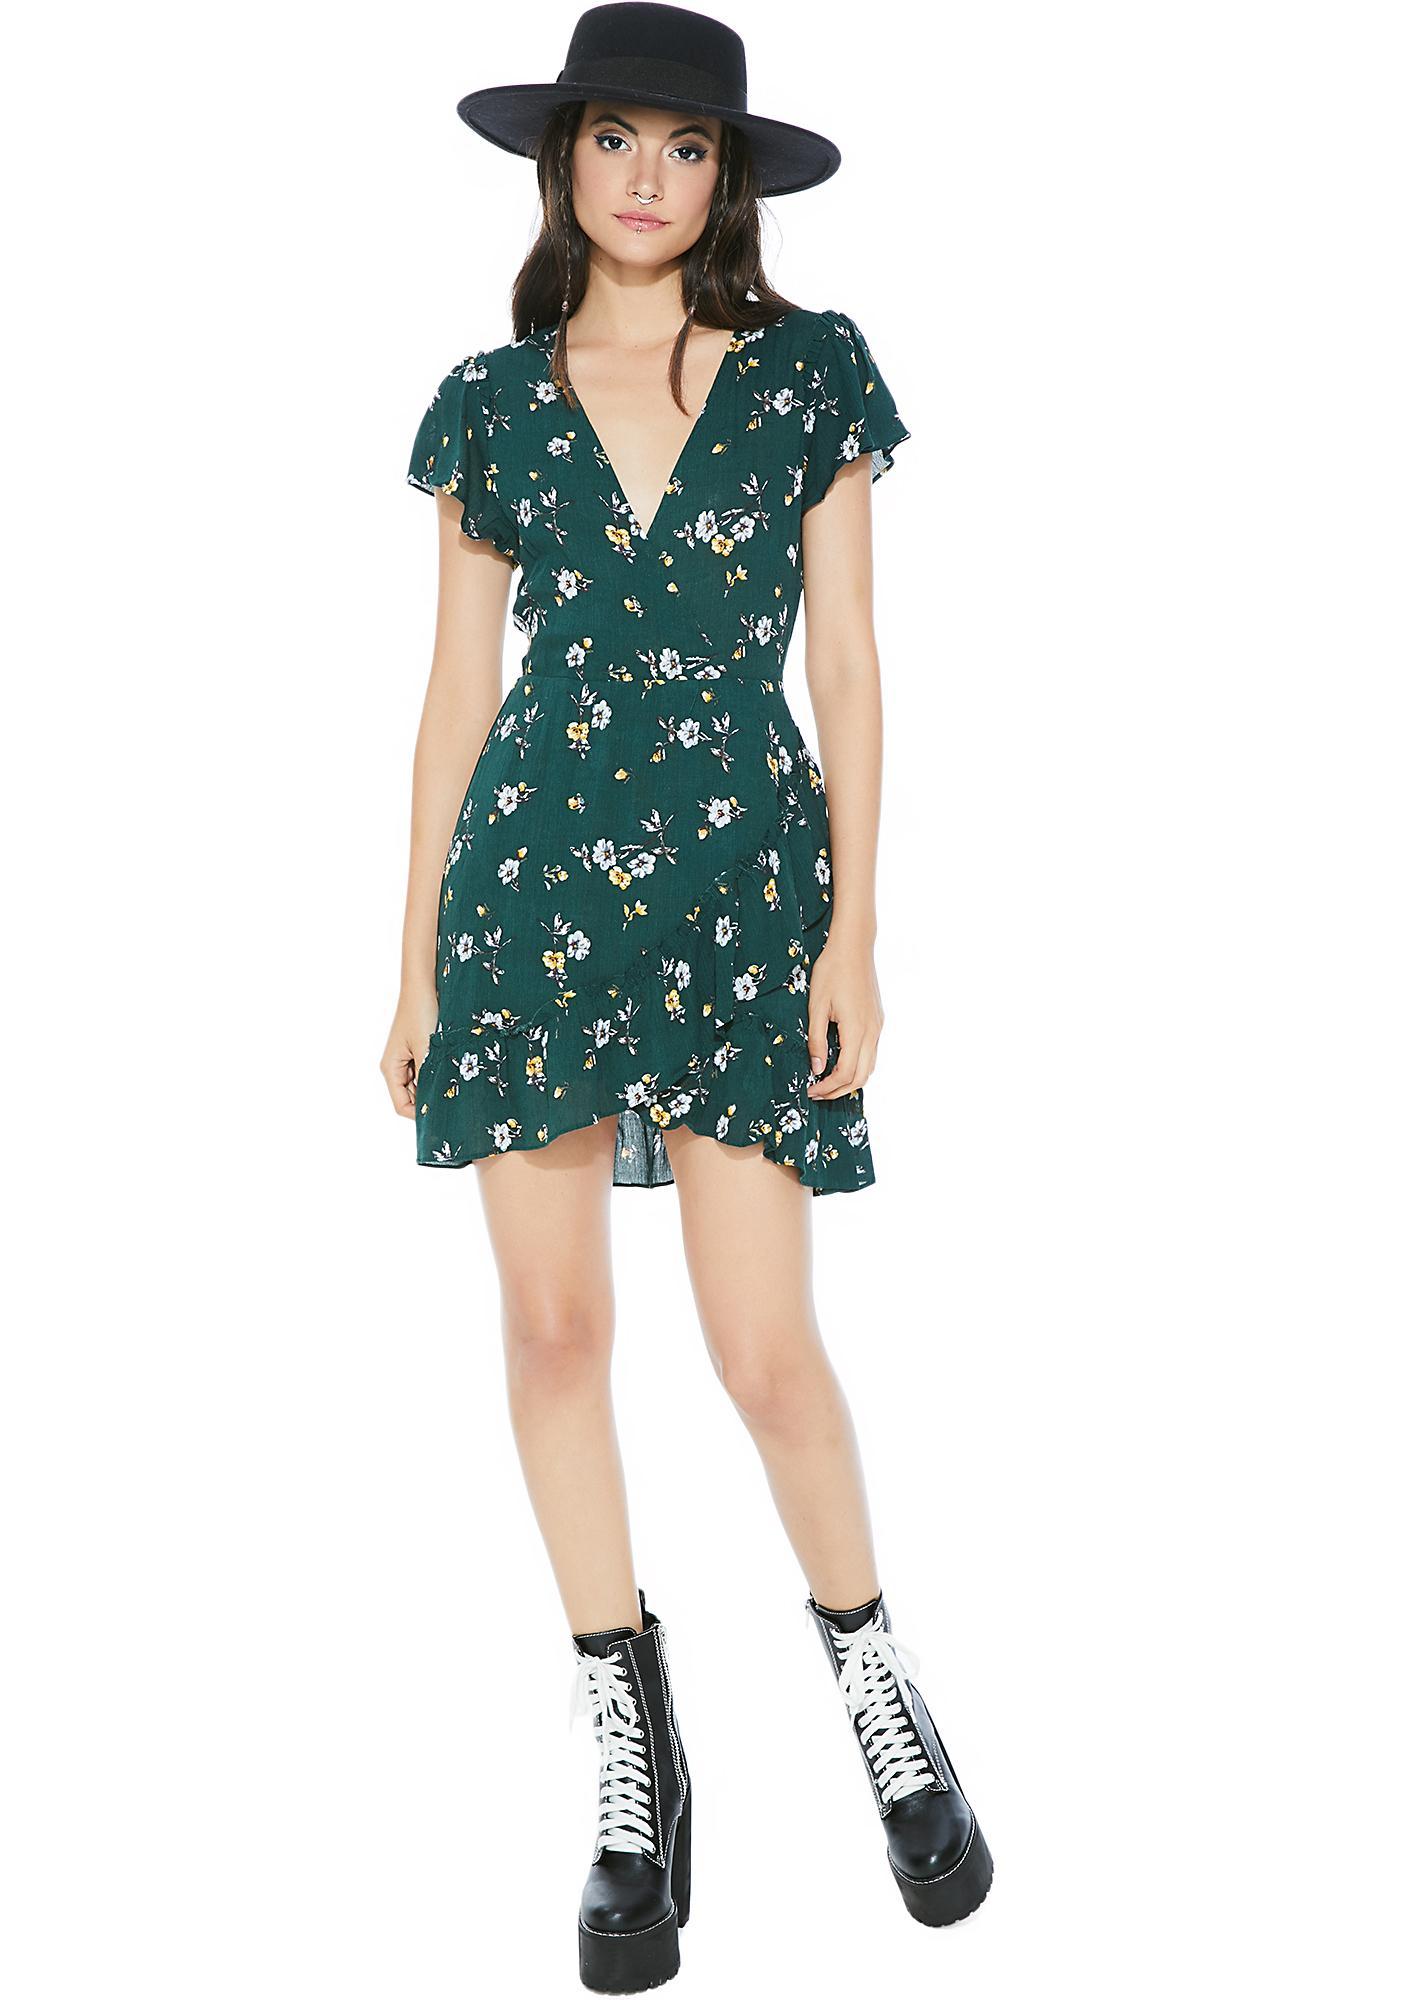 Evergreen Floral Dress